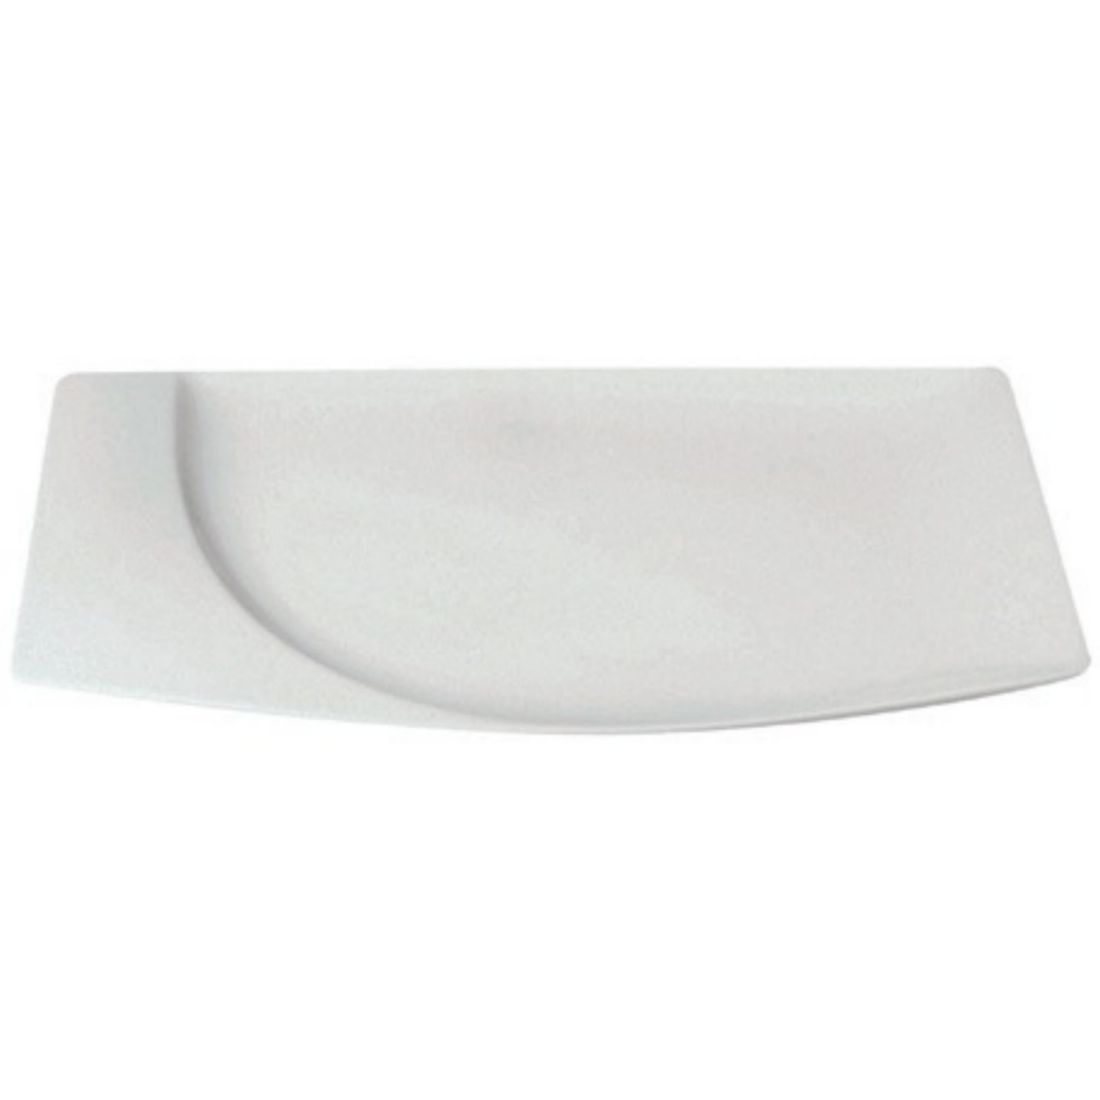 Mazza Talíř mělký obdélný 26 x 17 cm